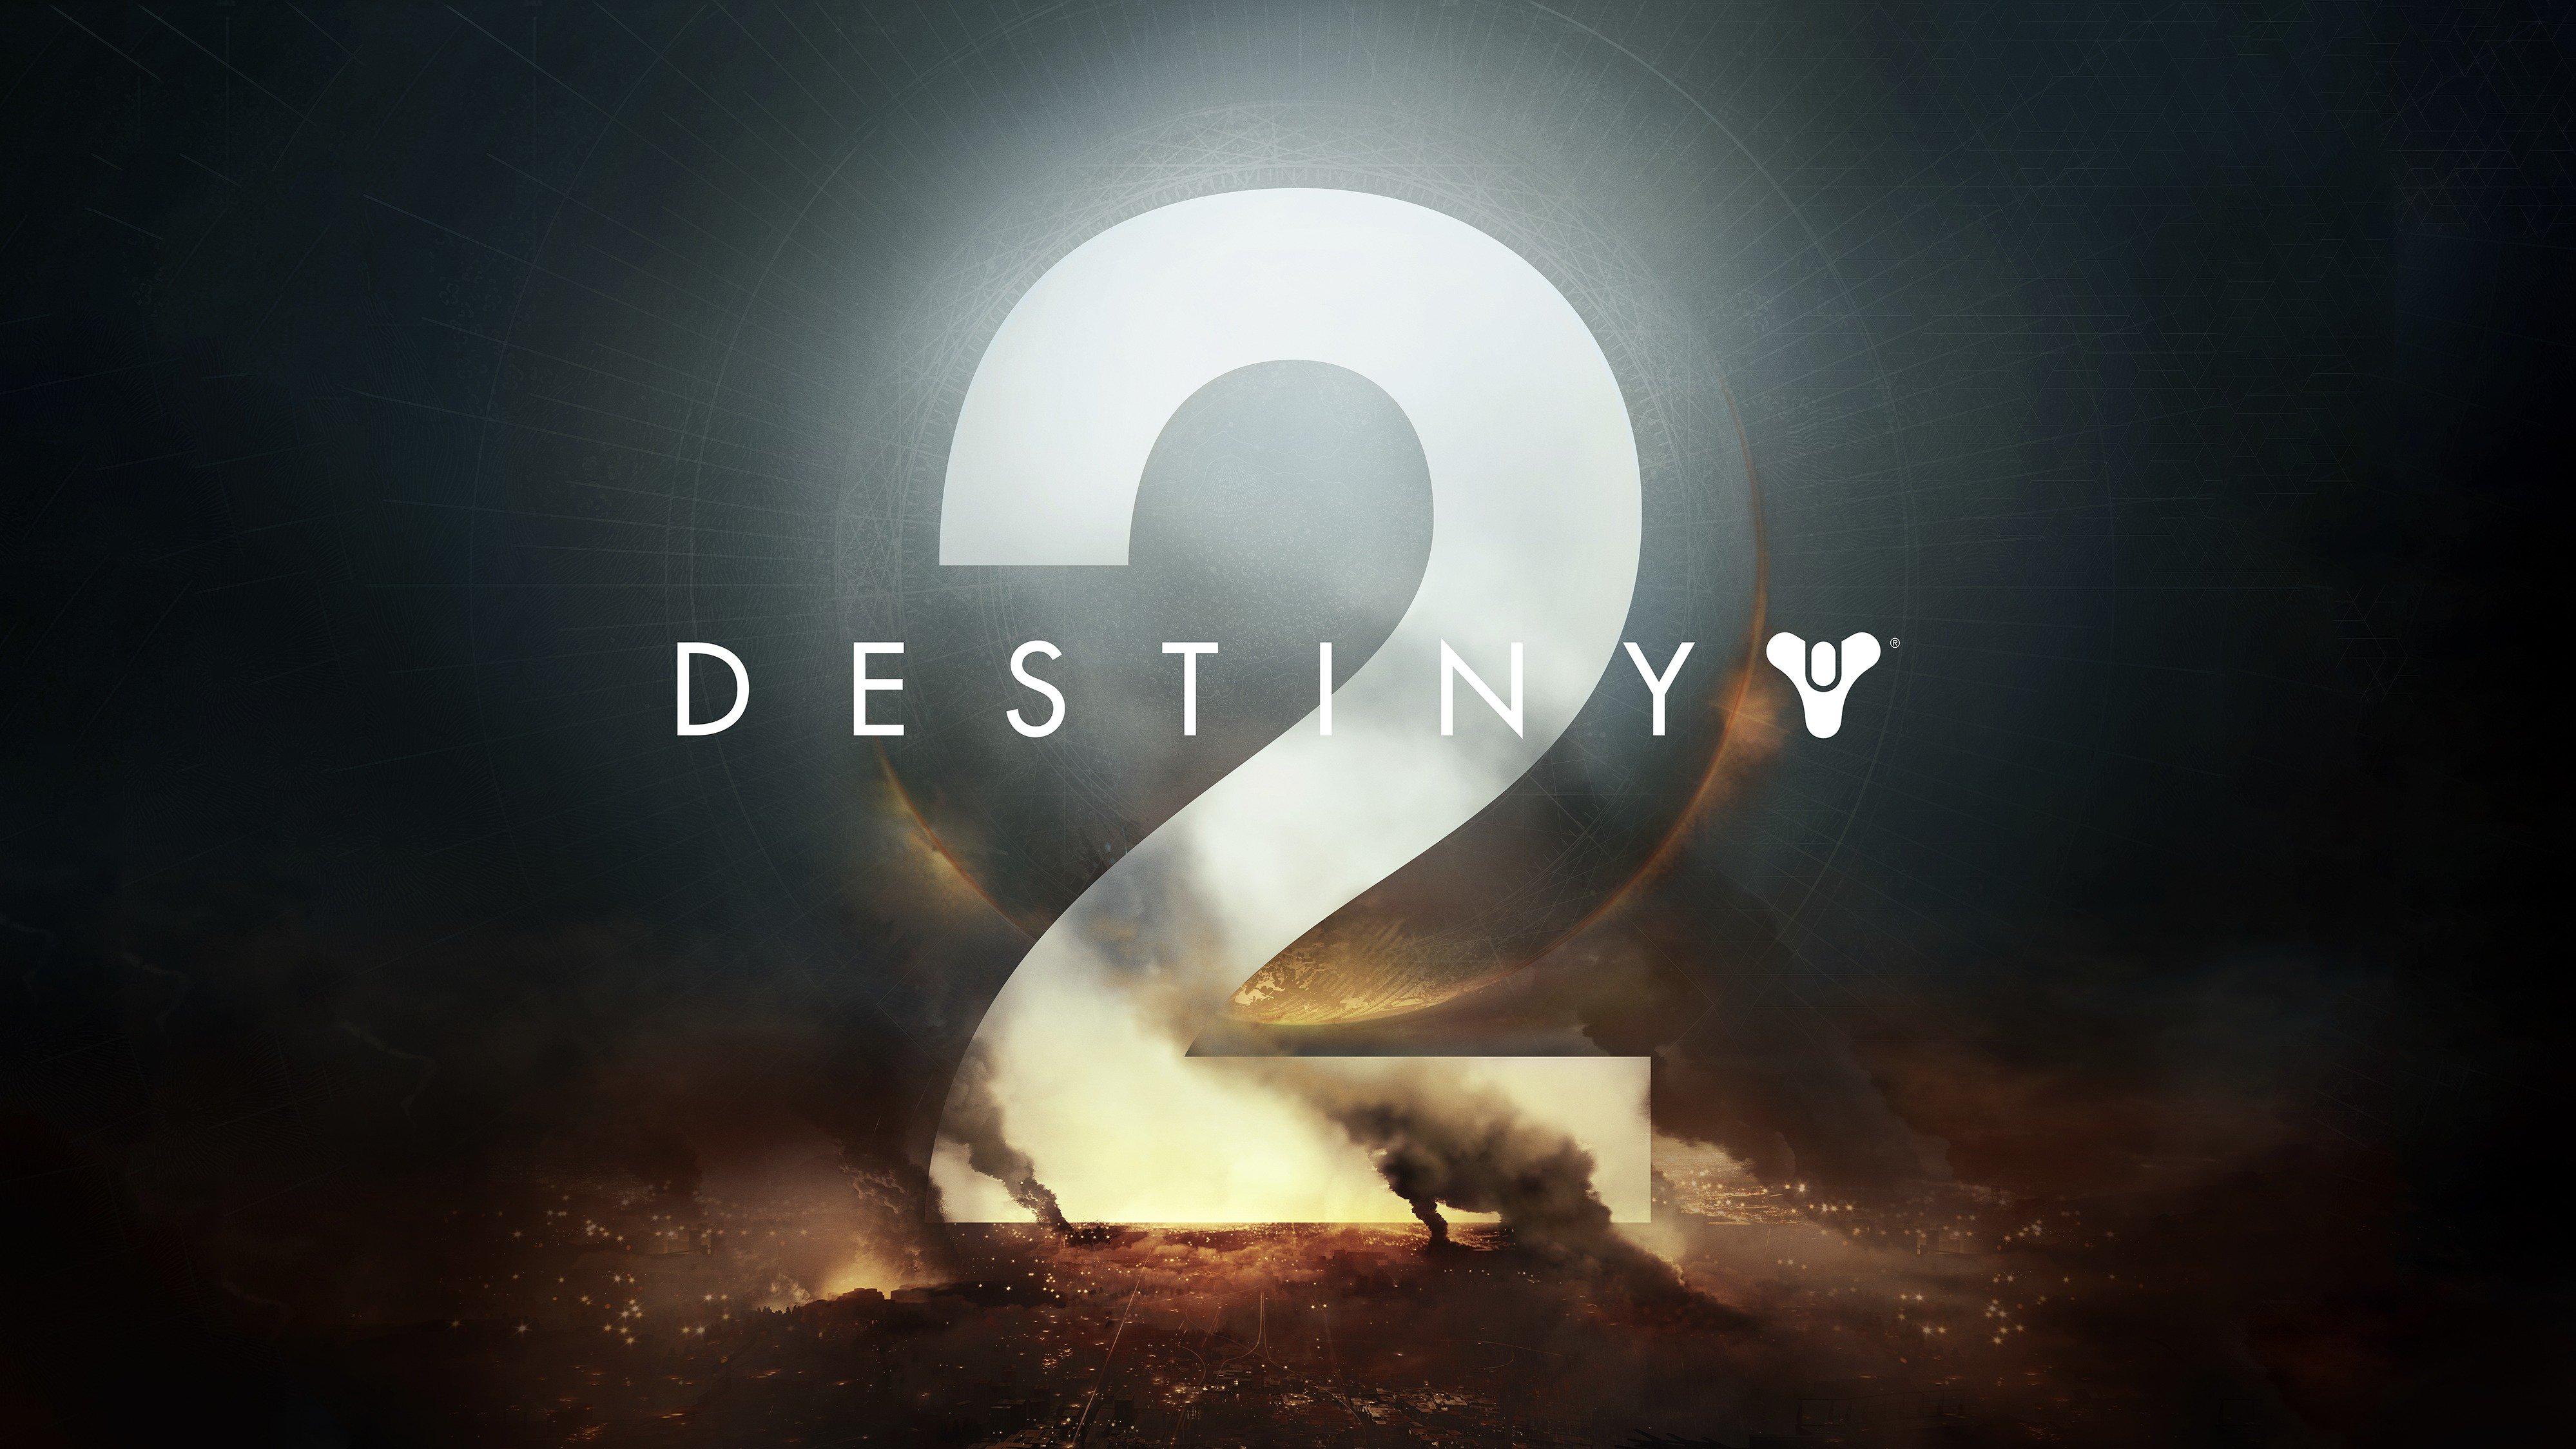 Disponibile il soundtrack ufficiale di Destiny 2